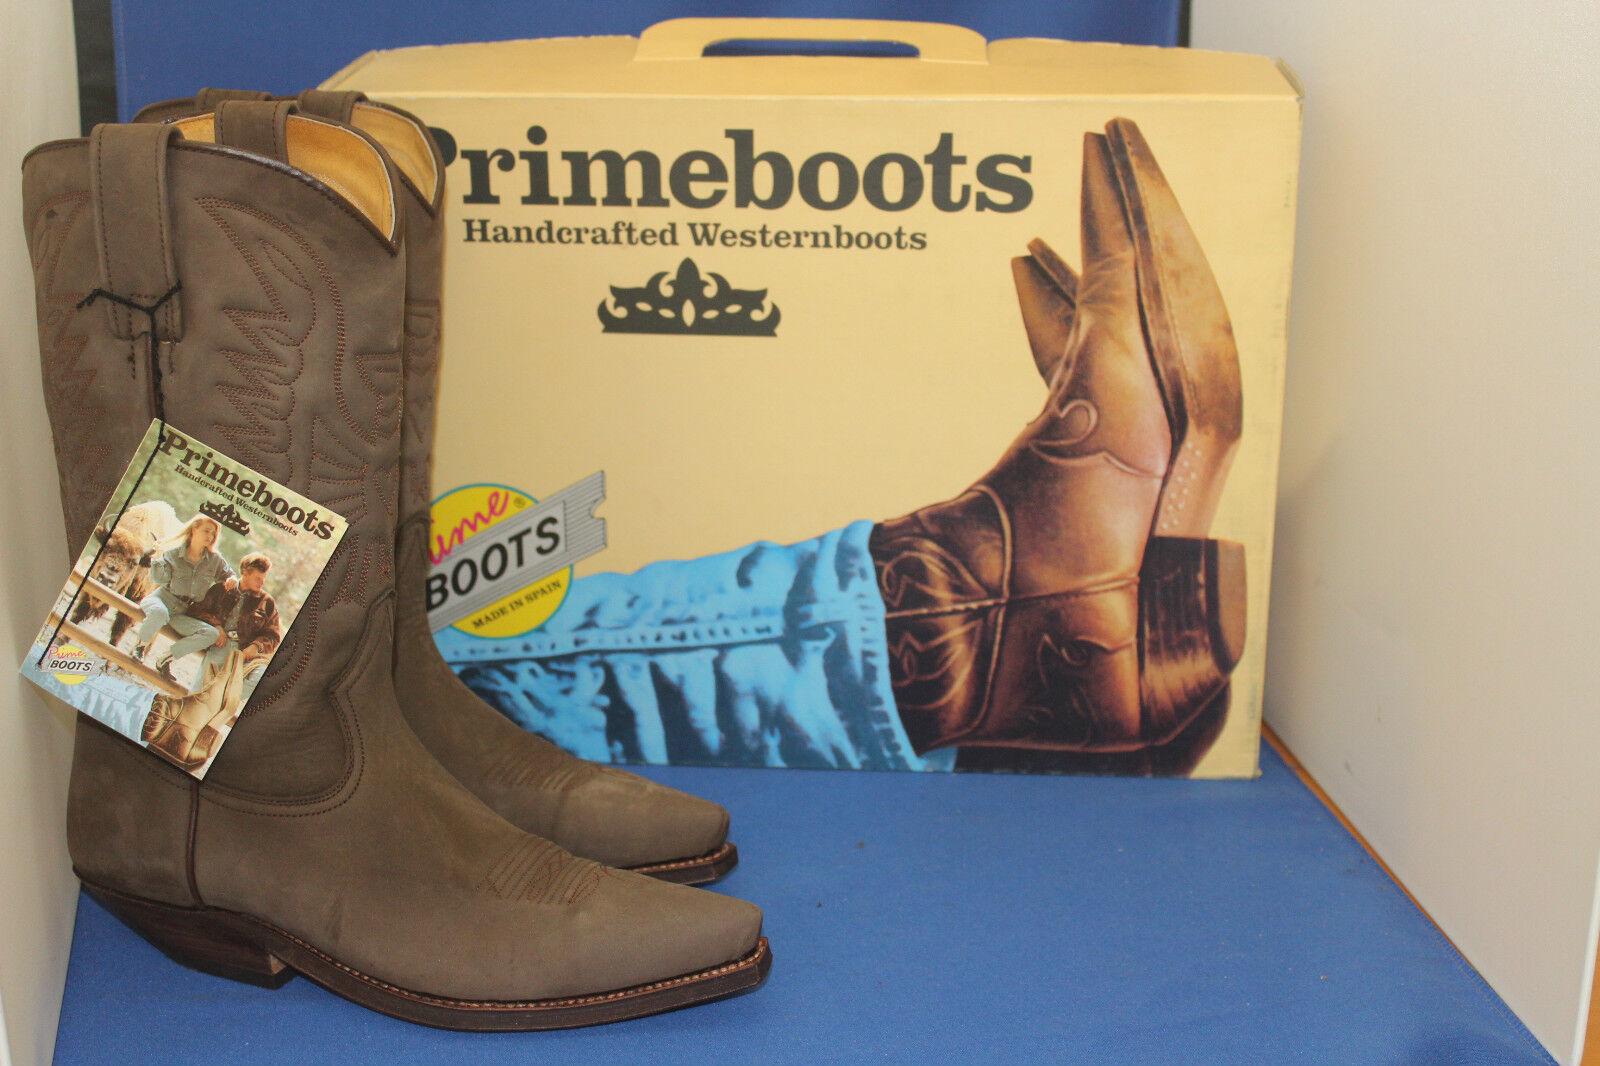 Prime botas vaqueras botas Western botas botas nuevo talla. 39 oil marron marrón